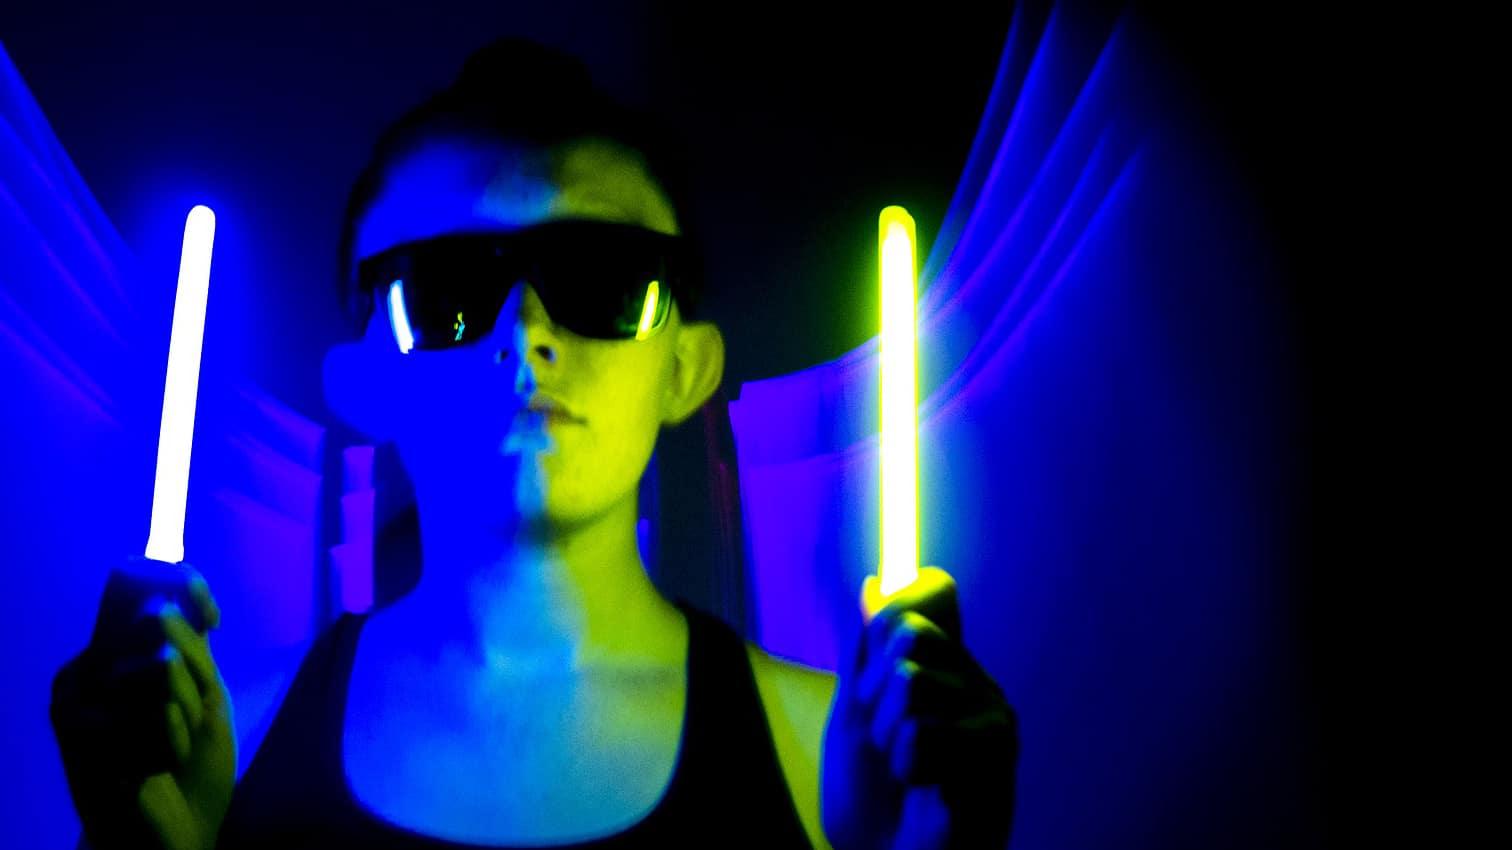 Plafoniera Neon Fai Da Te : Impianto fai da te per tubi fluorescenti acquariofilia facile